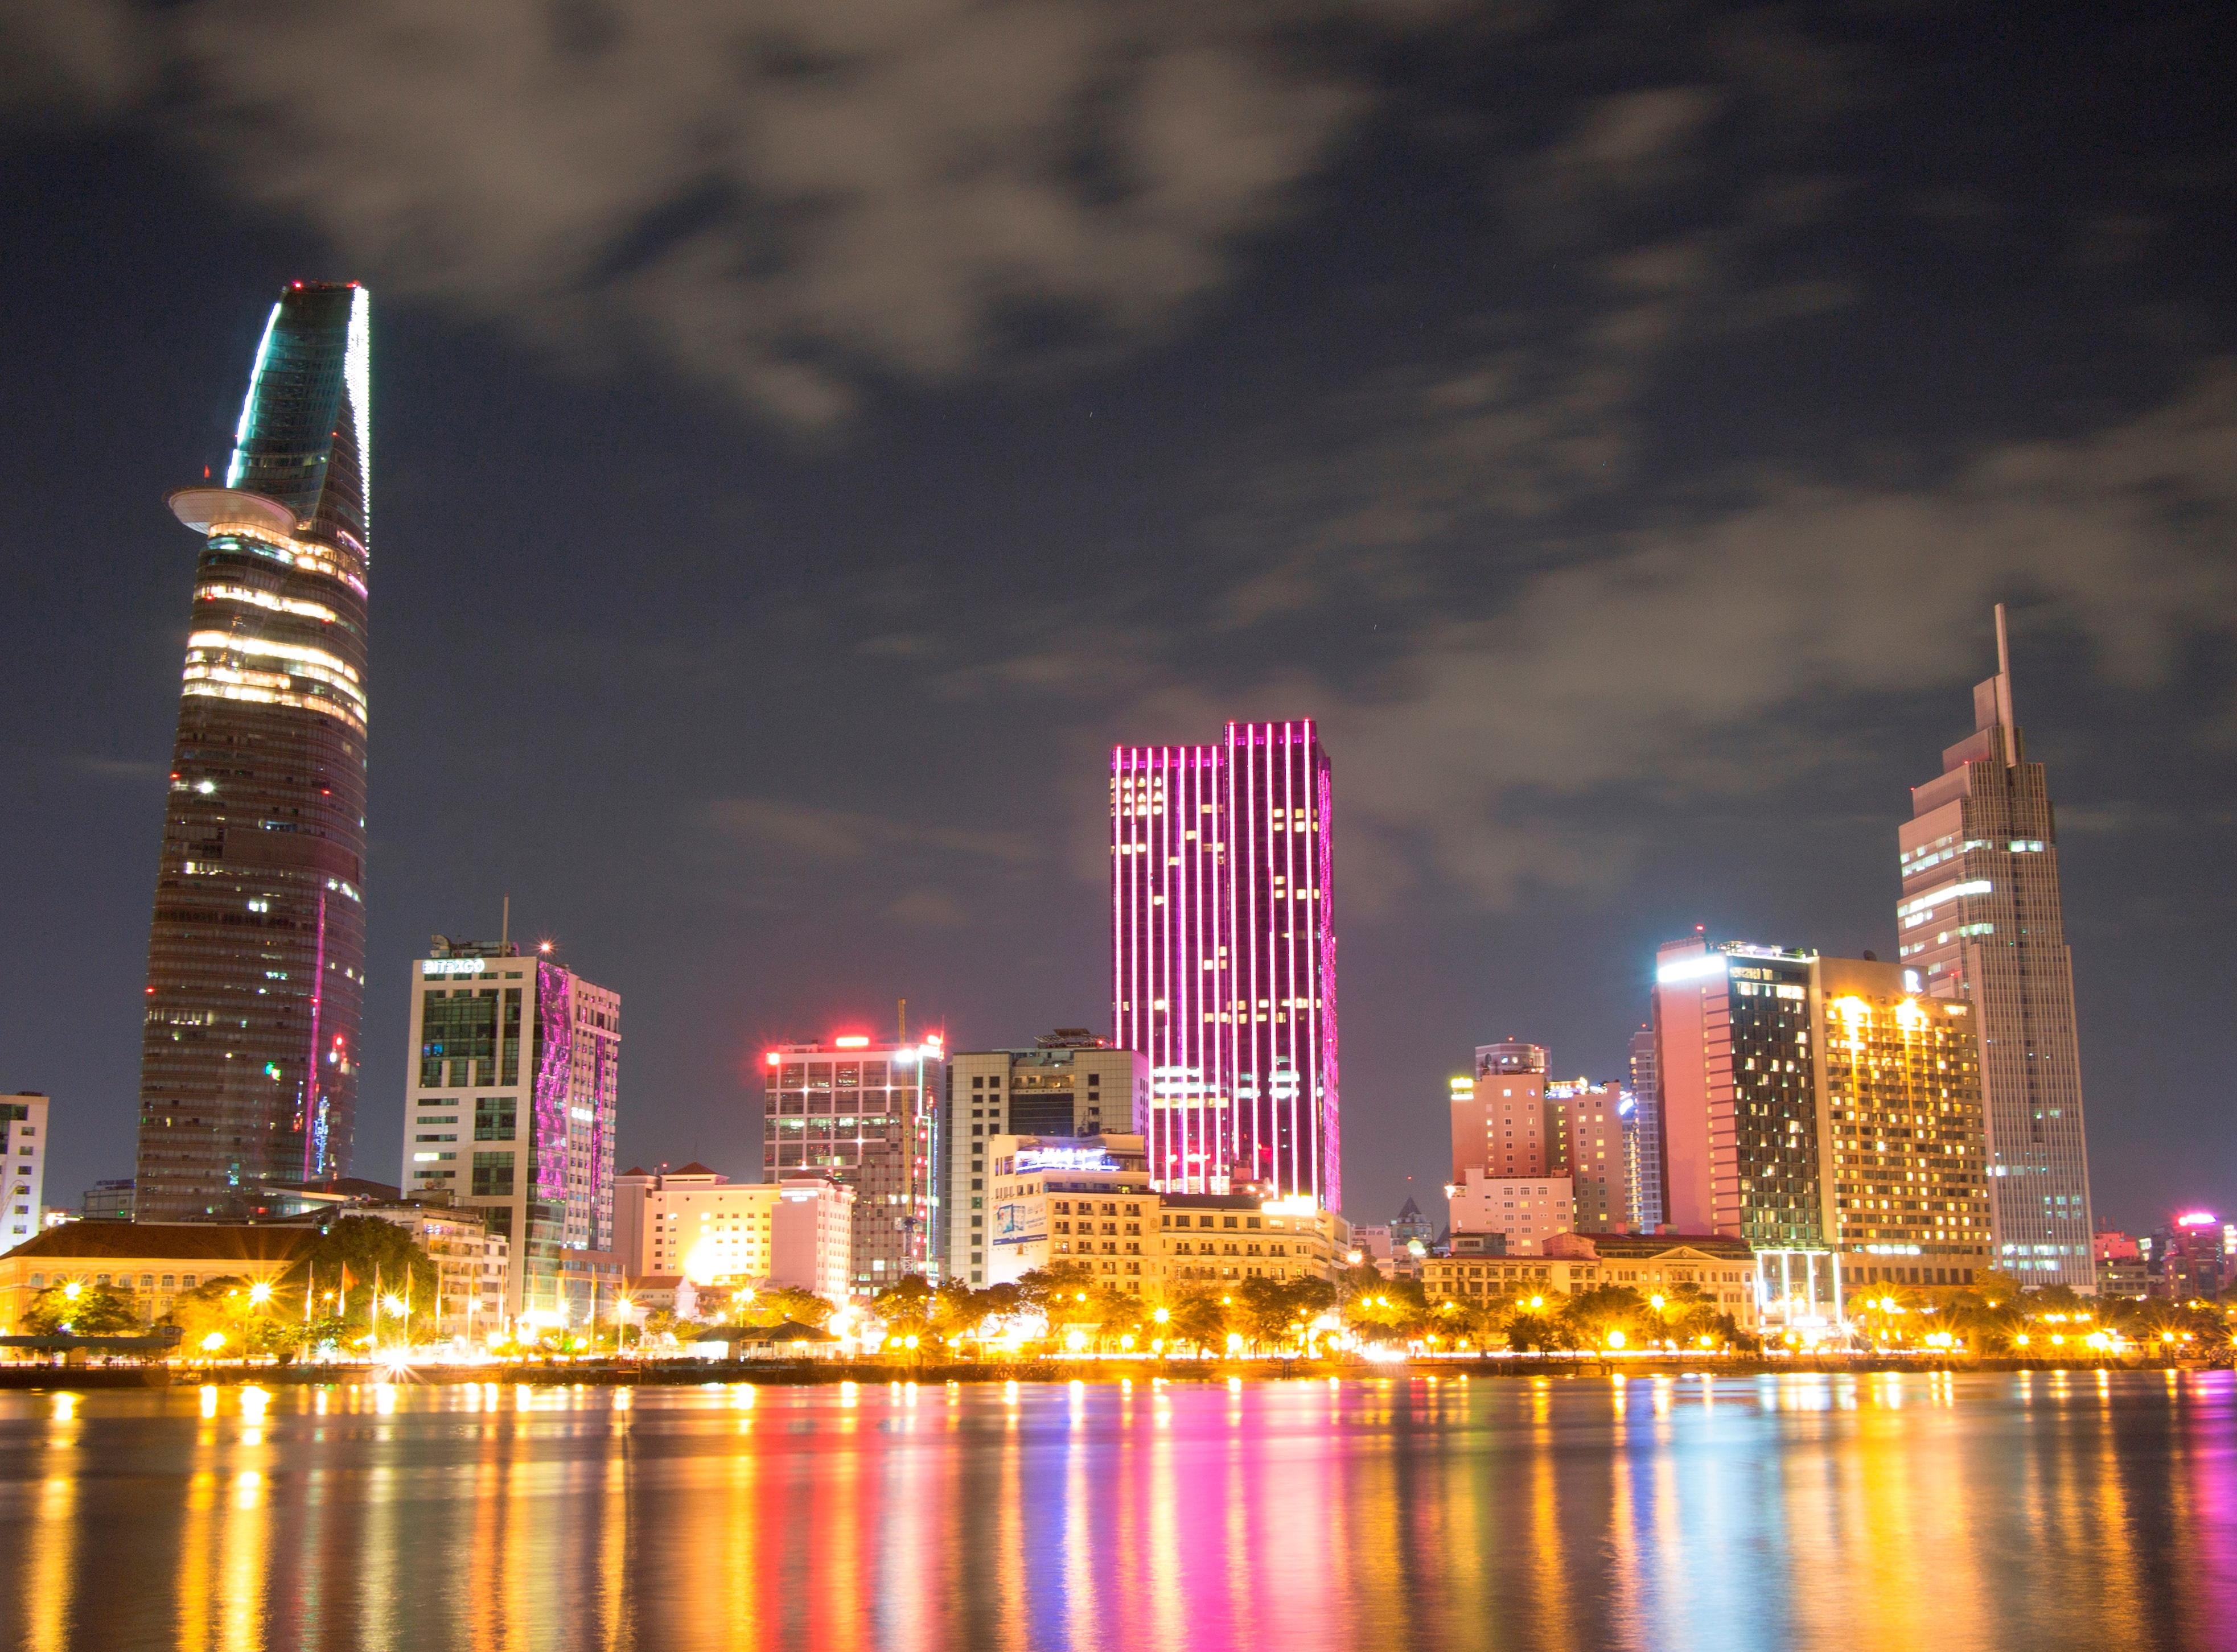 Khu trung tâm thành phố Hồ Chí Minh, nhìn từ phía quận